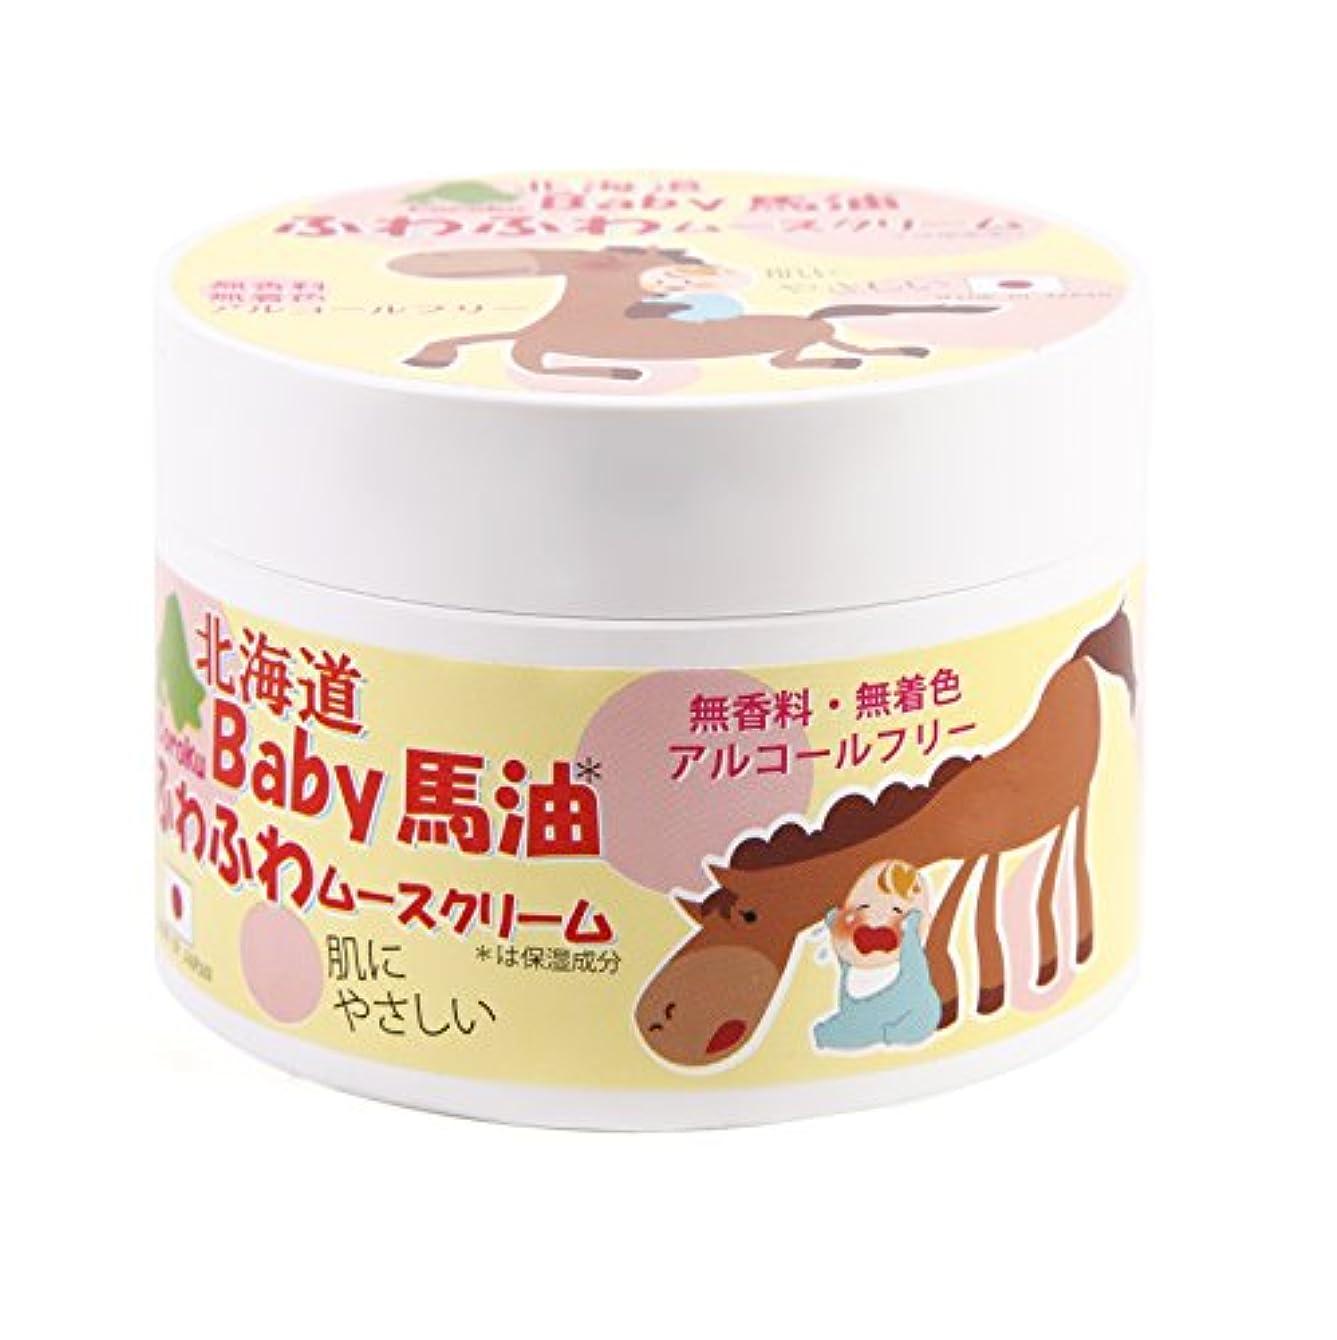 小六 北海道Baby馬油 ふわふわムースクリーム 200mL